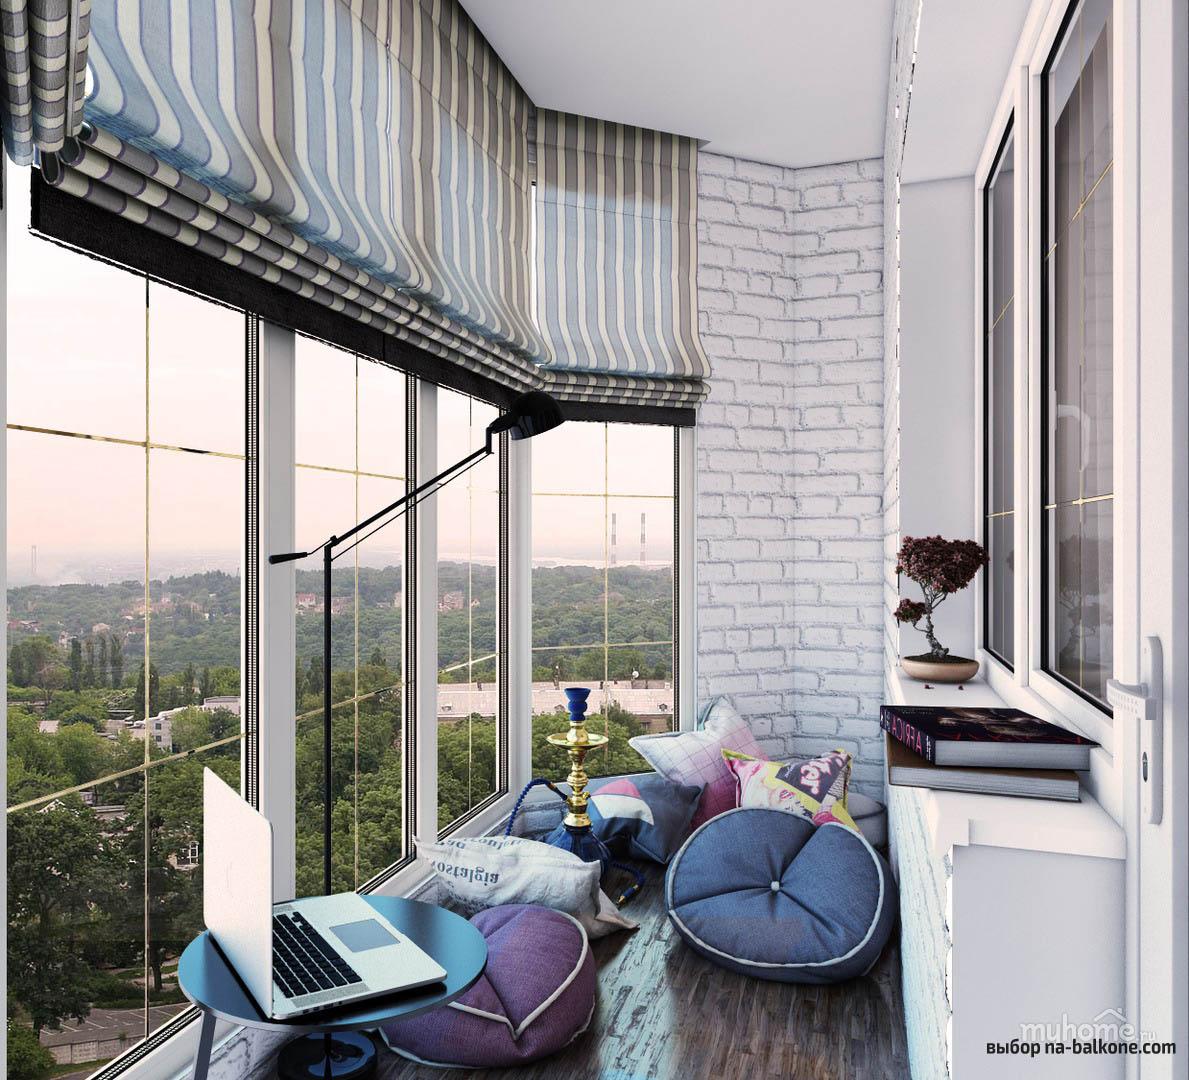 Шторы для окон на балконе и лоджии денис серов.